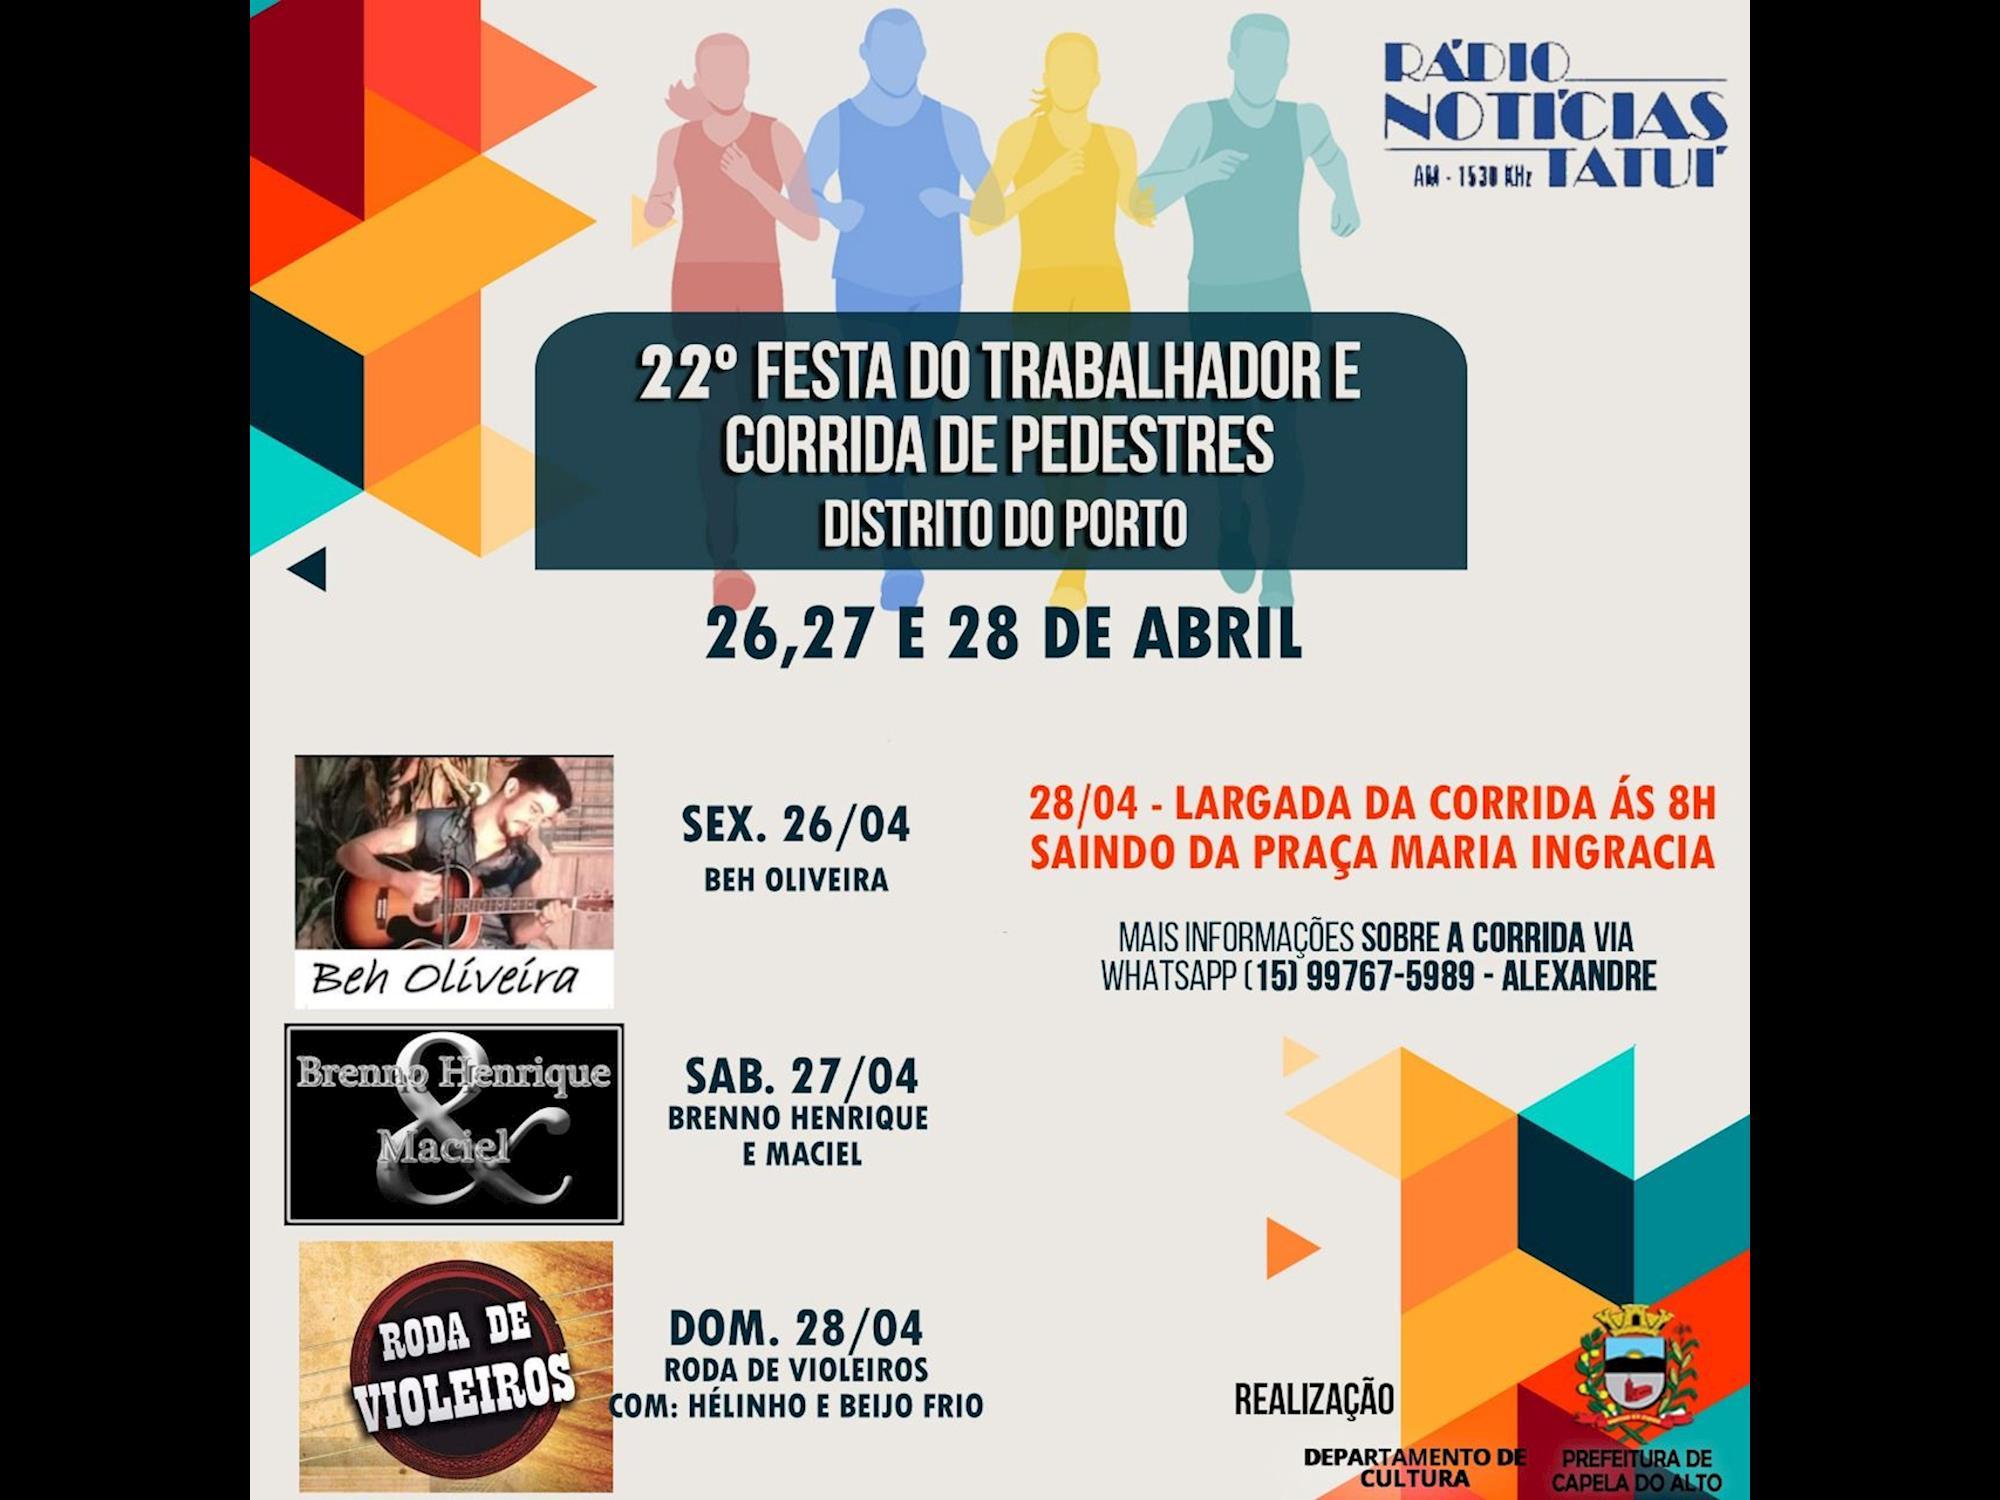 Festa do Trabalhador no Distrito do Porto oferece lazer para toda a família